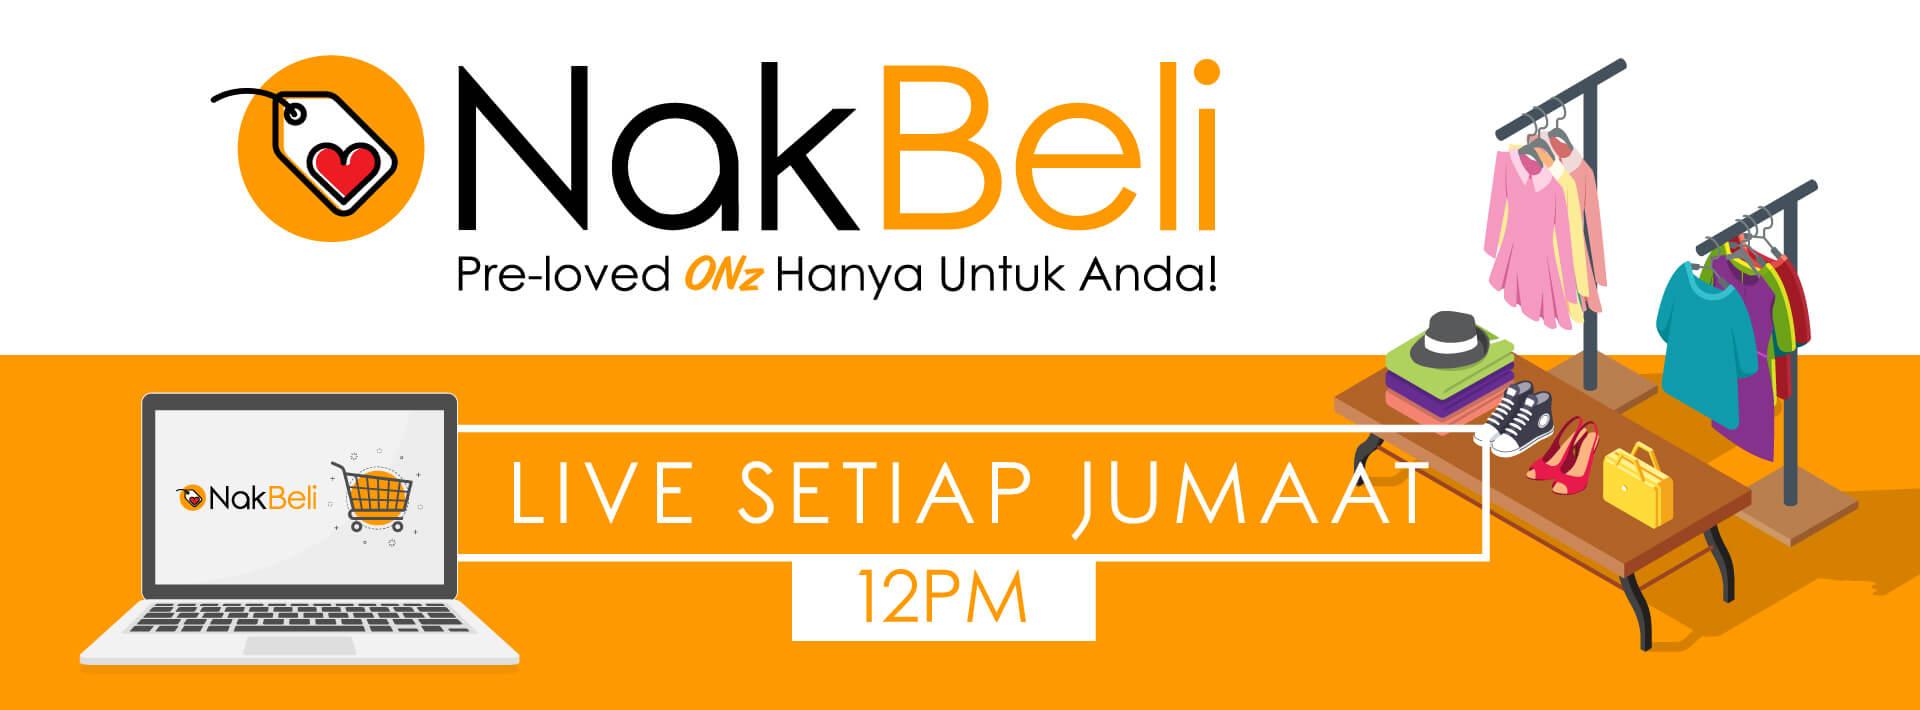 Nak-Beli-12pm-Website-Banner